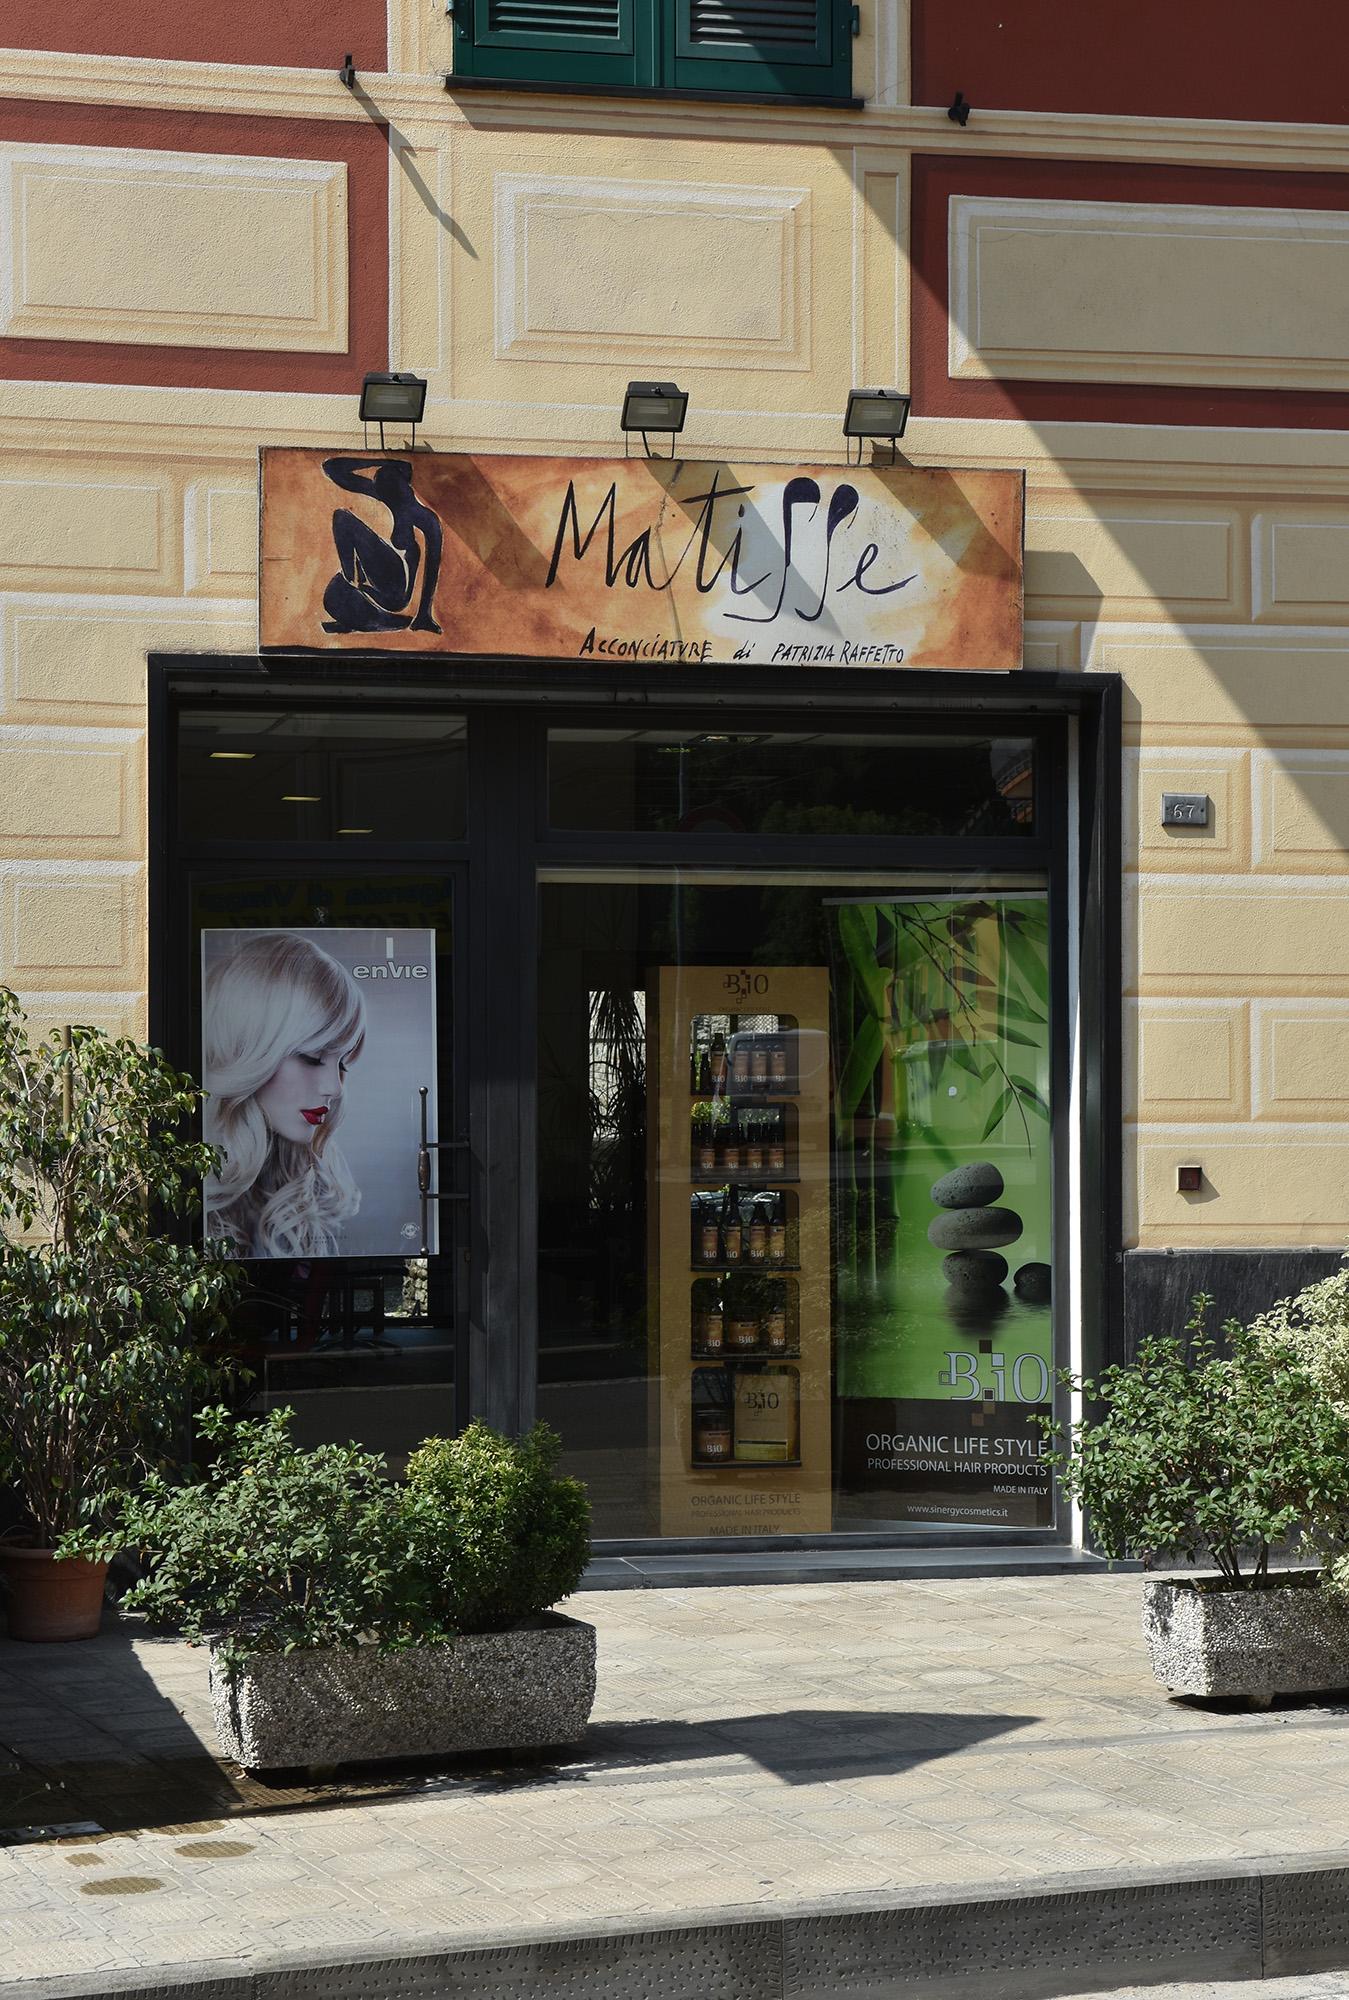 Matisse acconciature